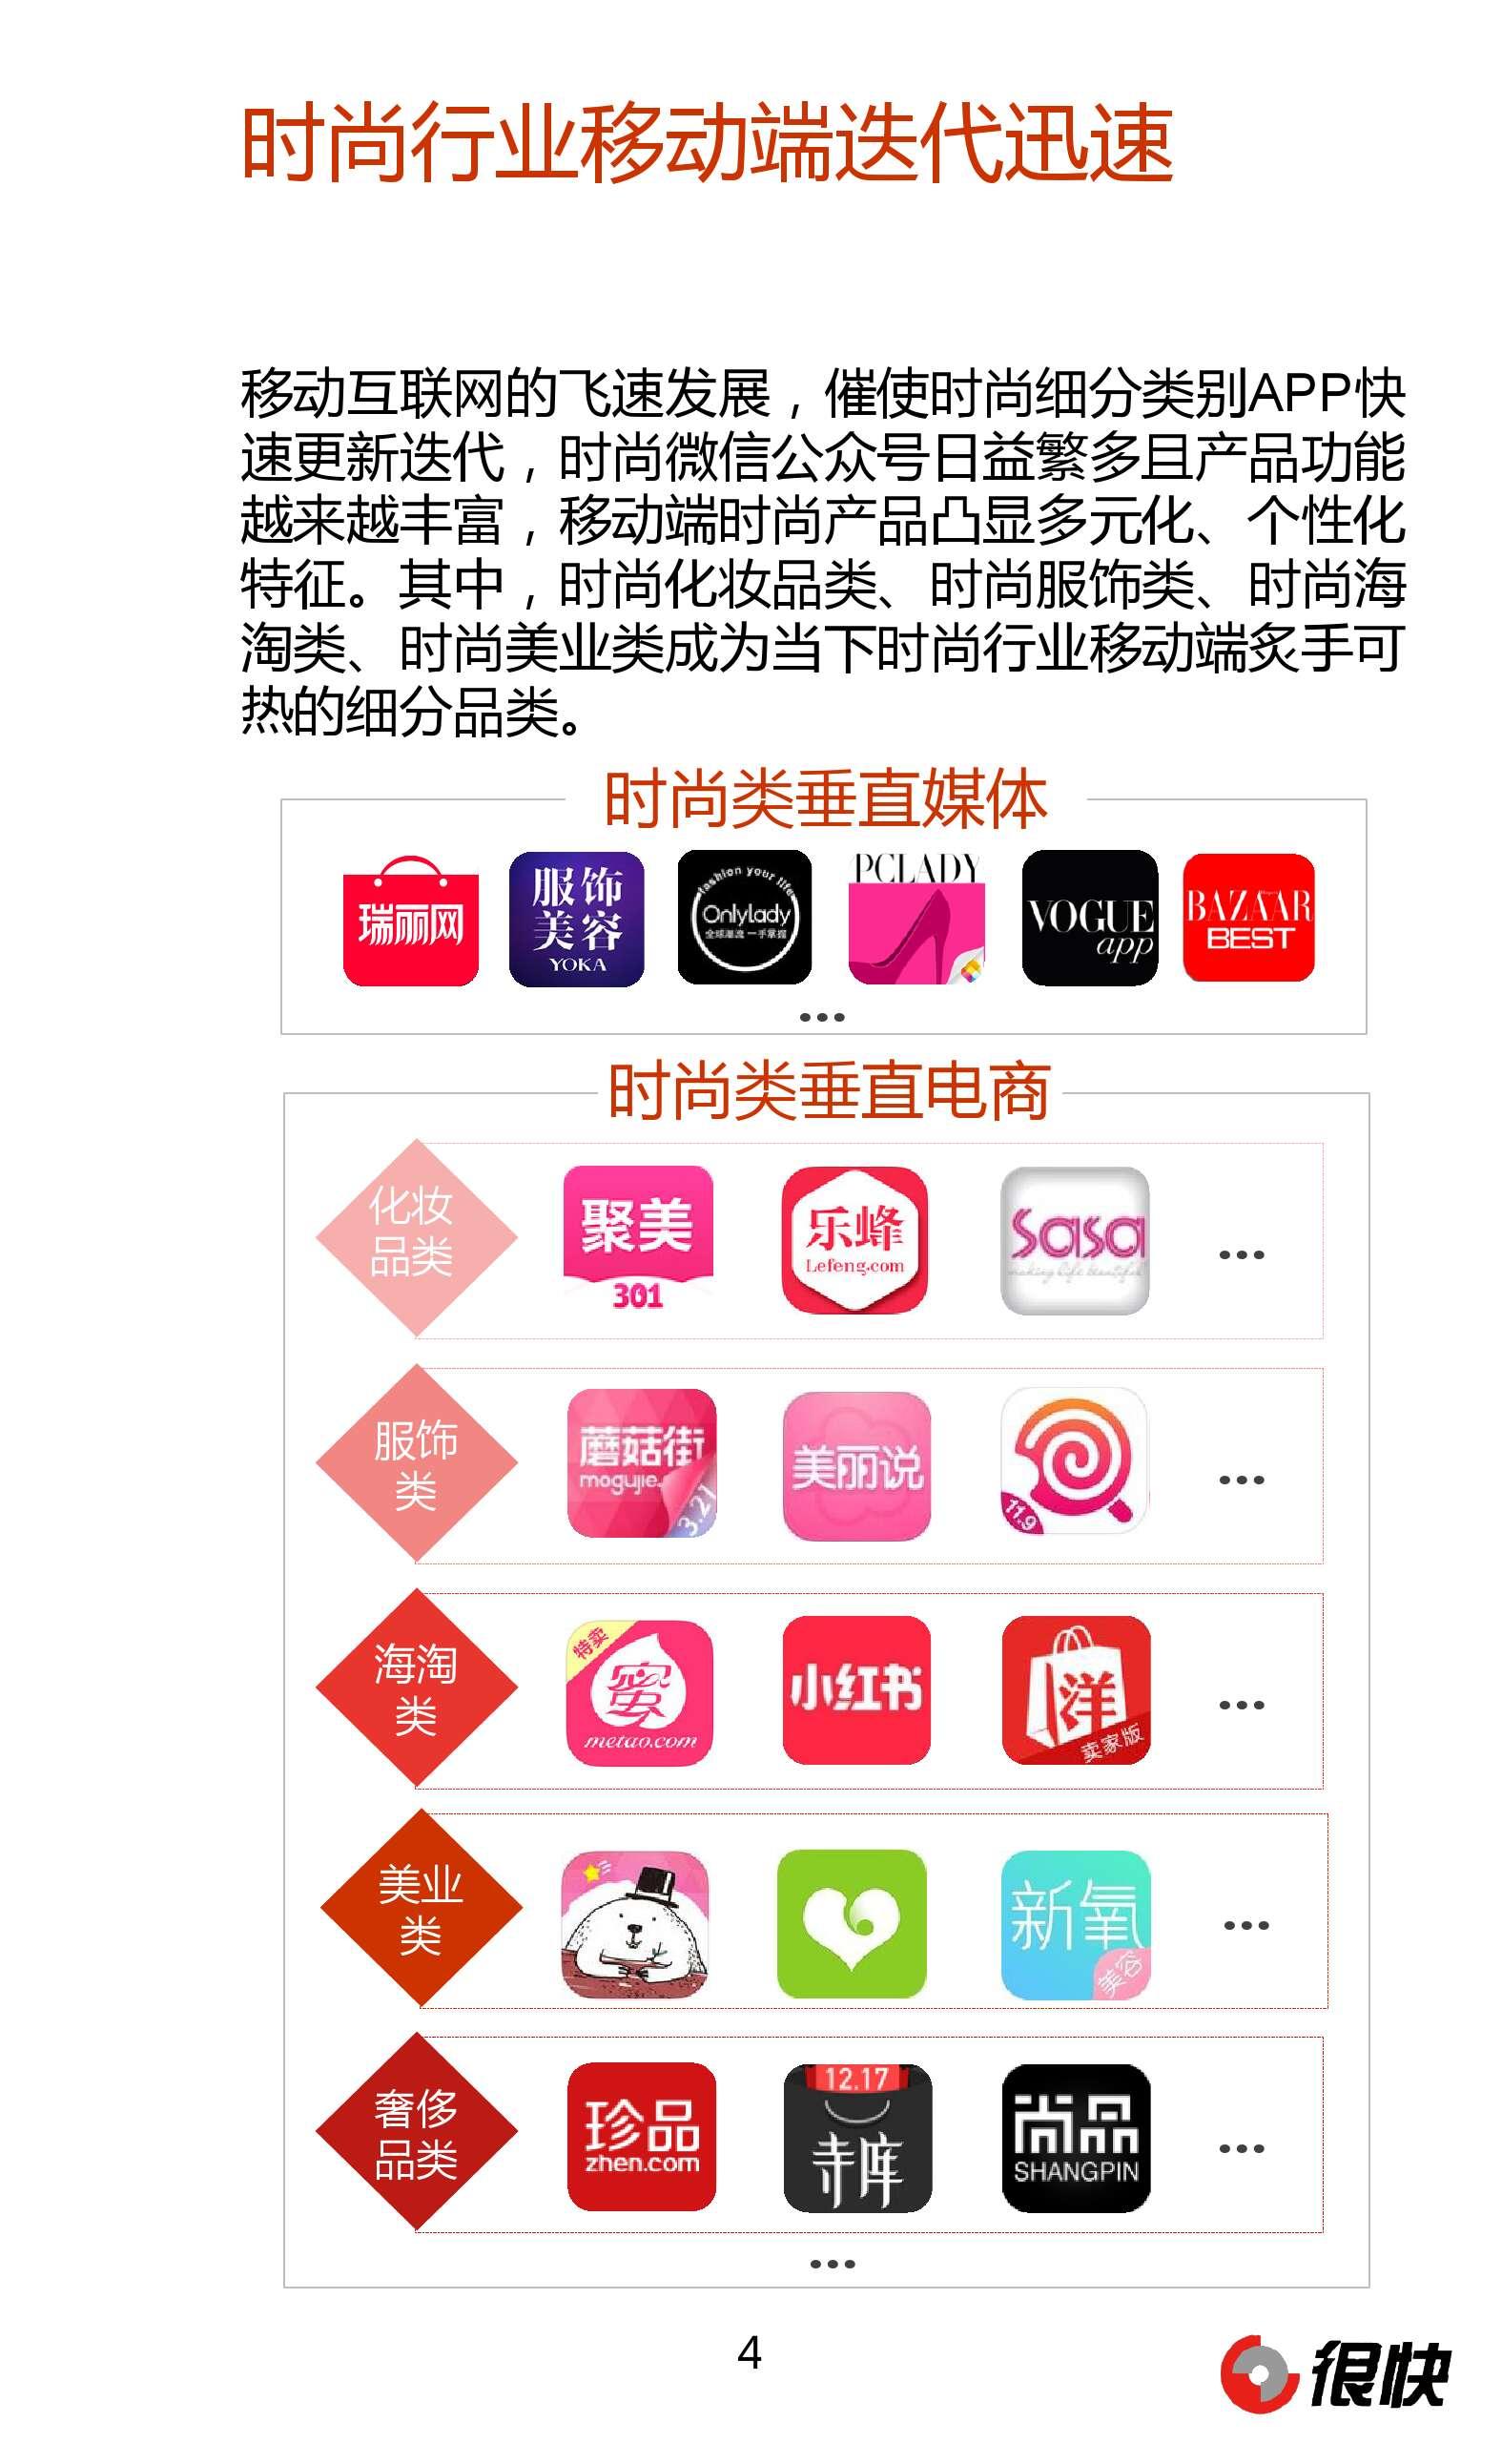 Henkuai-中国行业时尚微信公众号数据洞察报告_000004